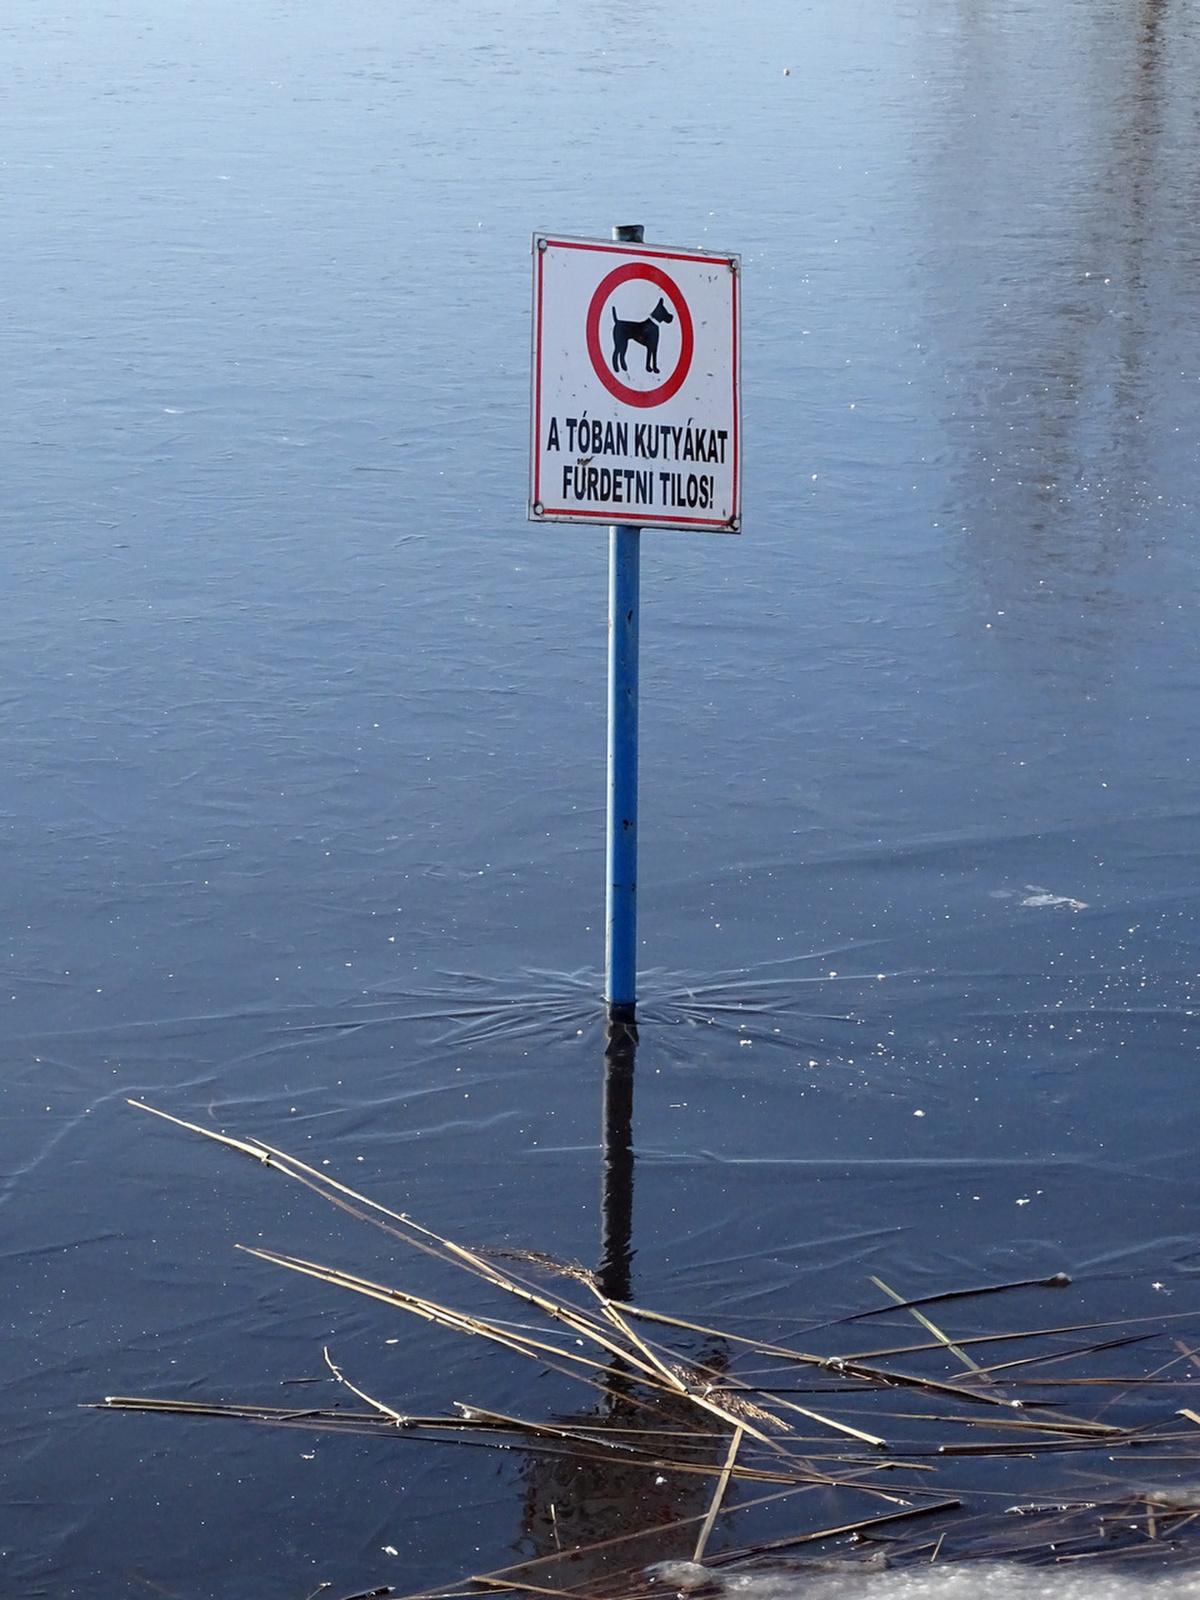 Jégfürdés tilos